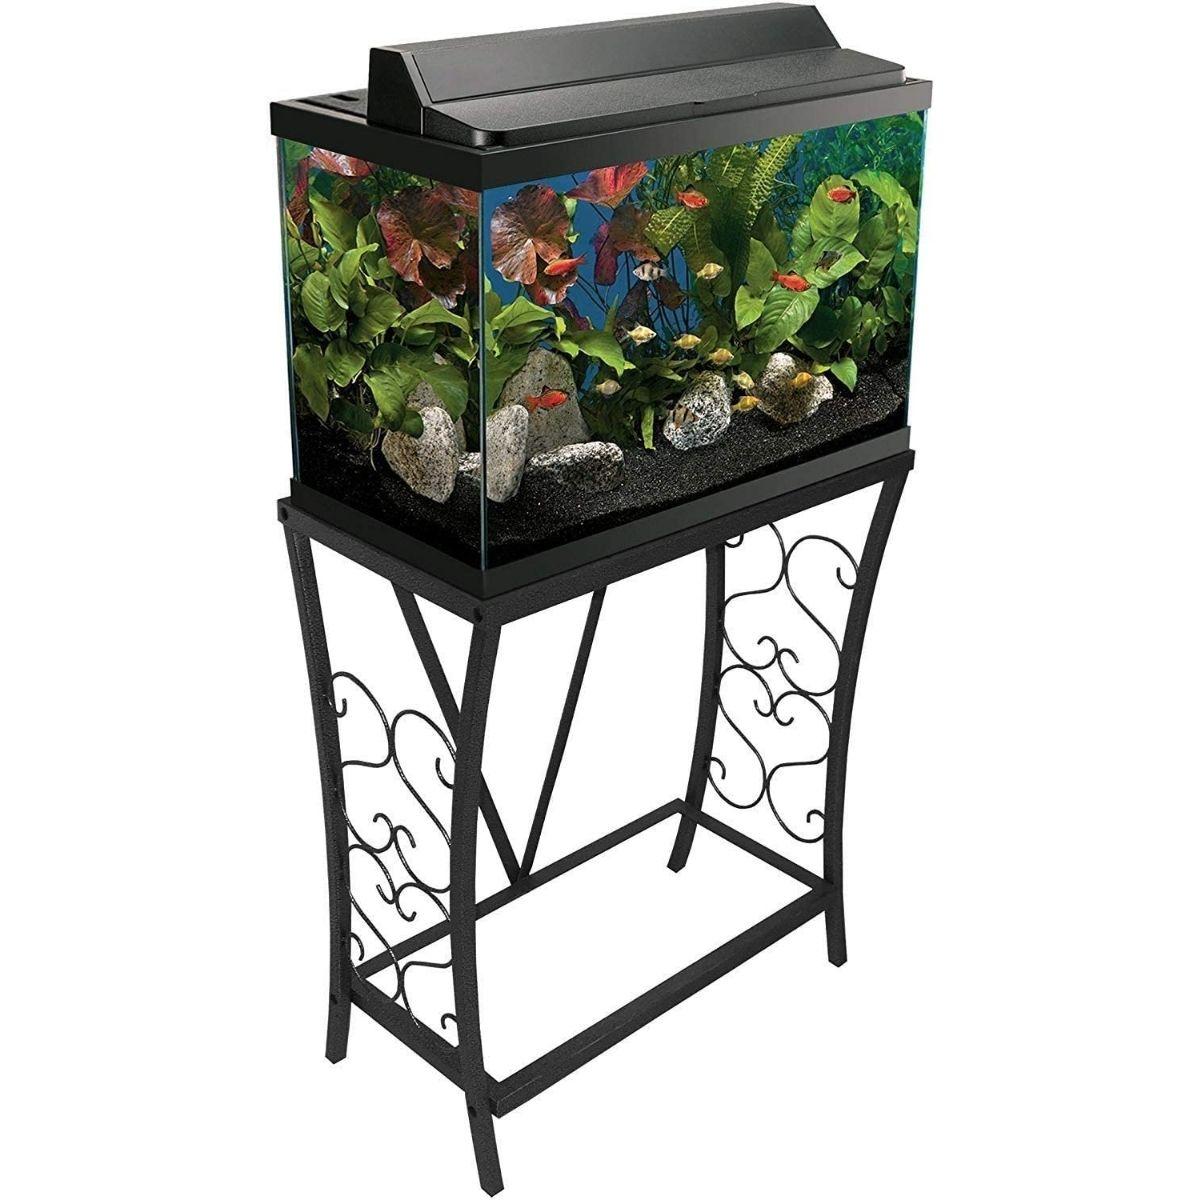 The Best 10 Gallon Fish Tank Stand Option: Aquatic Fundamentals Aquarium Stand